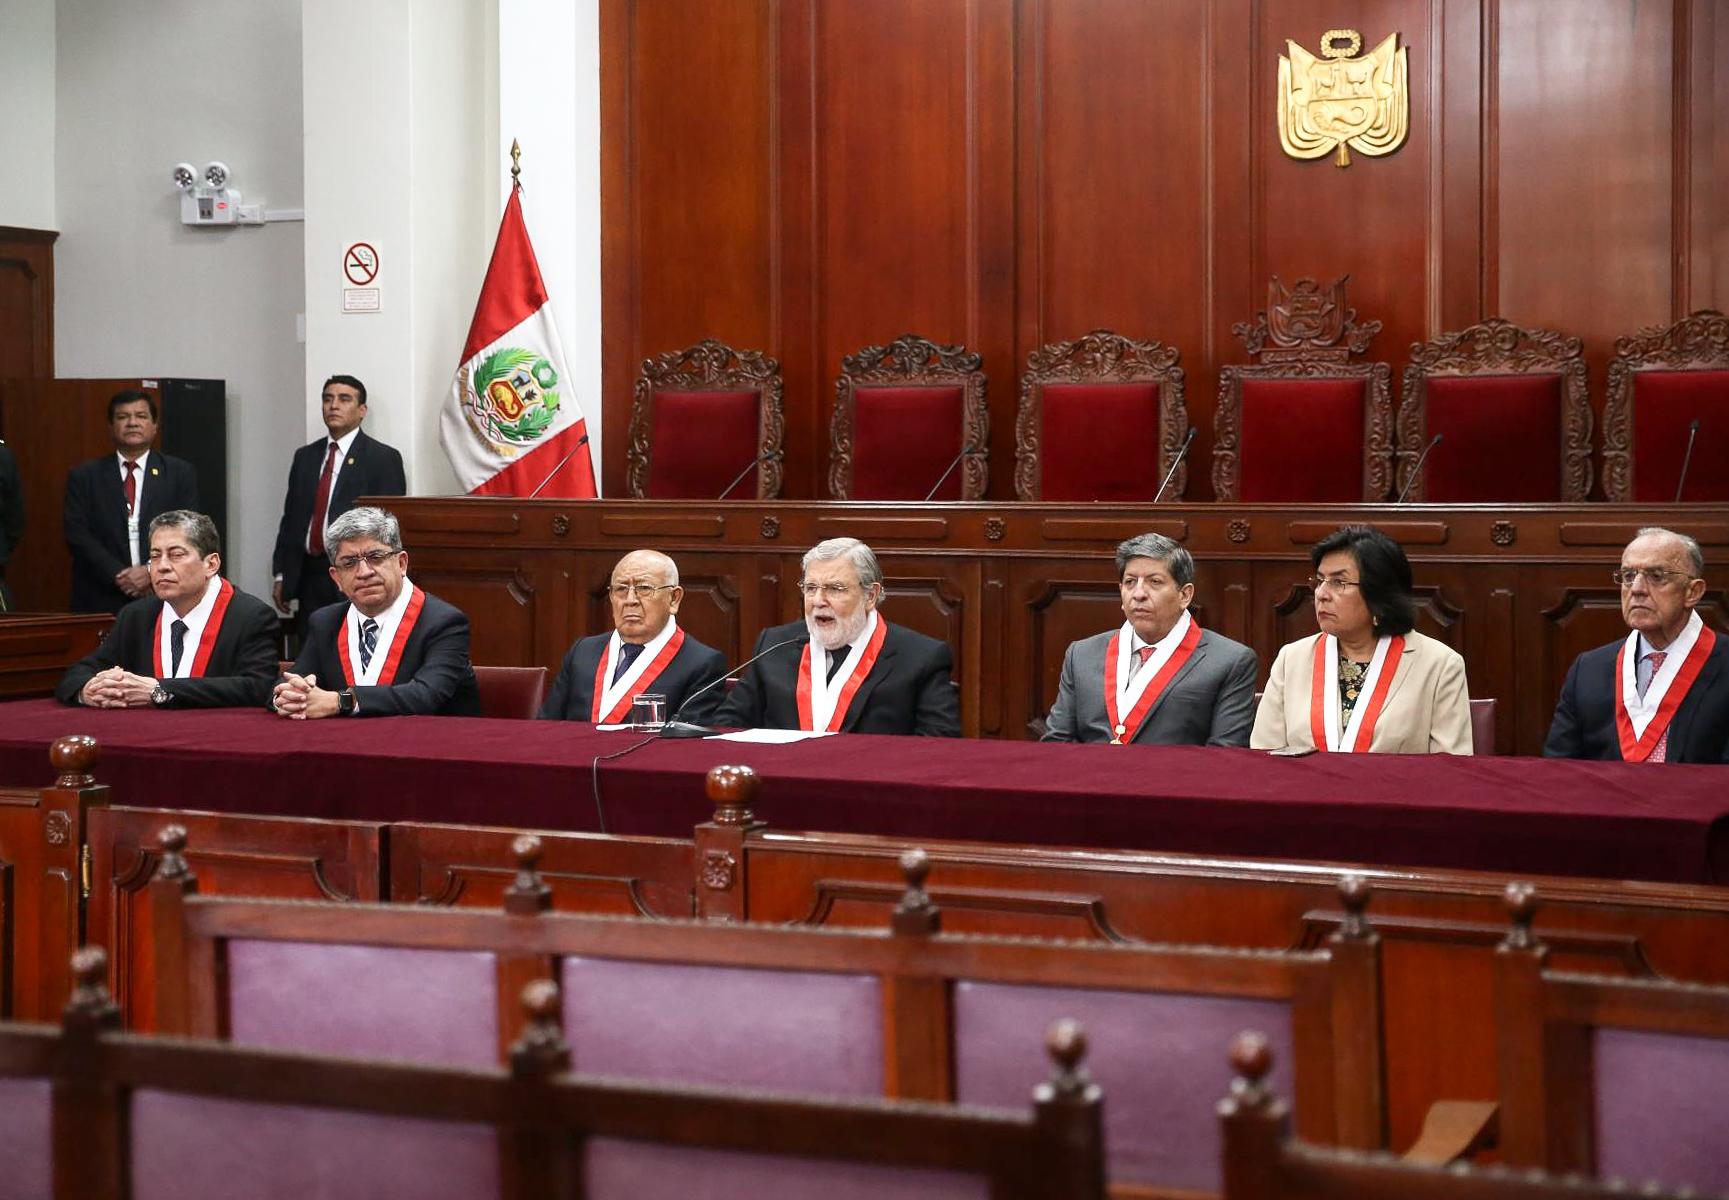 Constitucionalista Juan Carlos Ruiz plantea salida constitucional para  crisis política